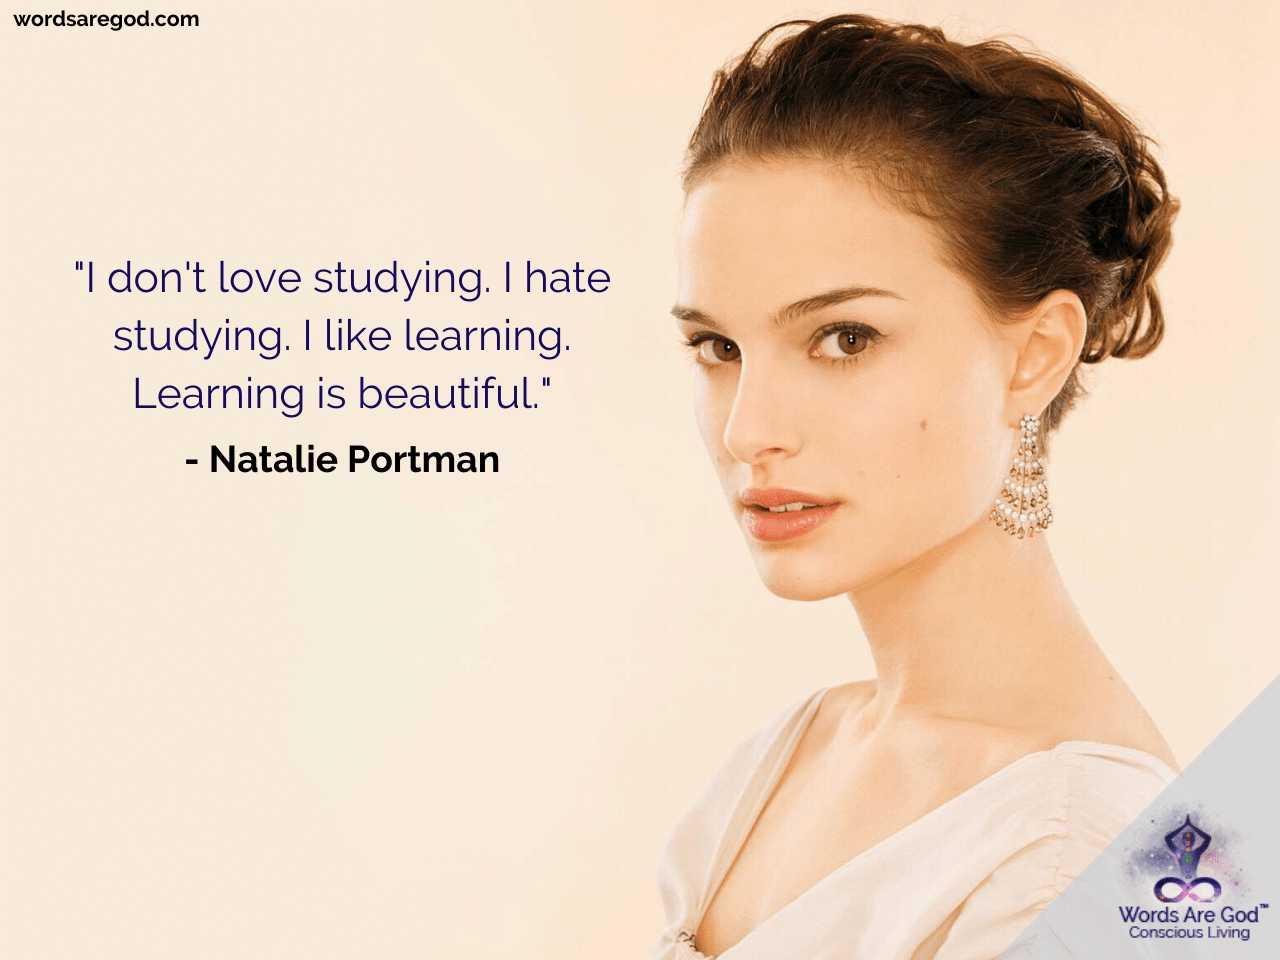 Natalie Portman Life Quotes by Natalie Portman